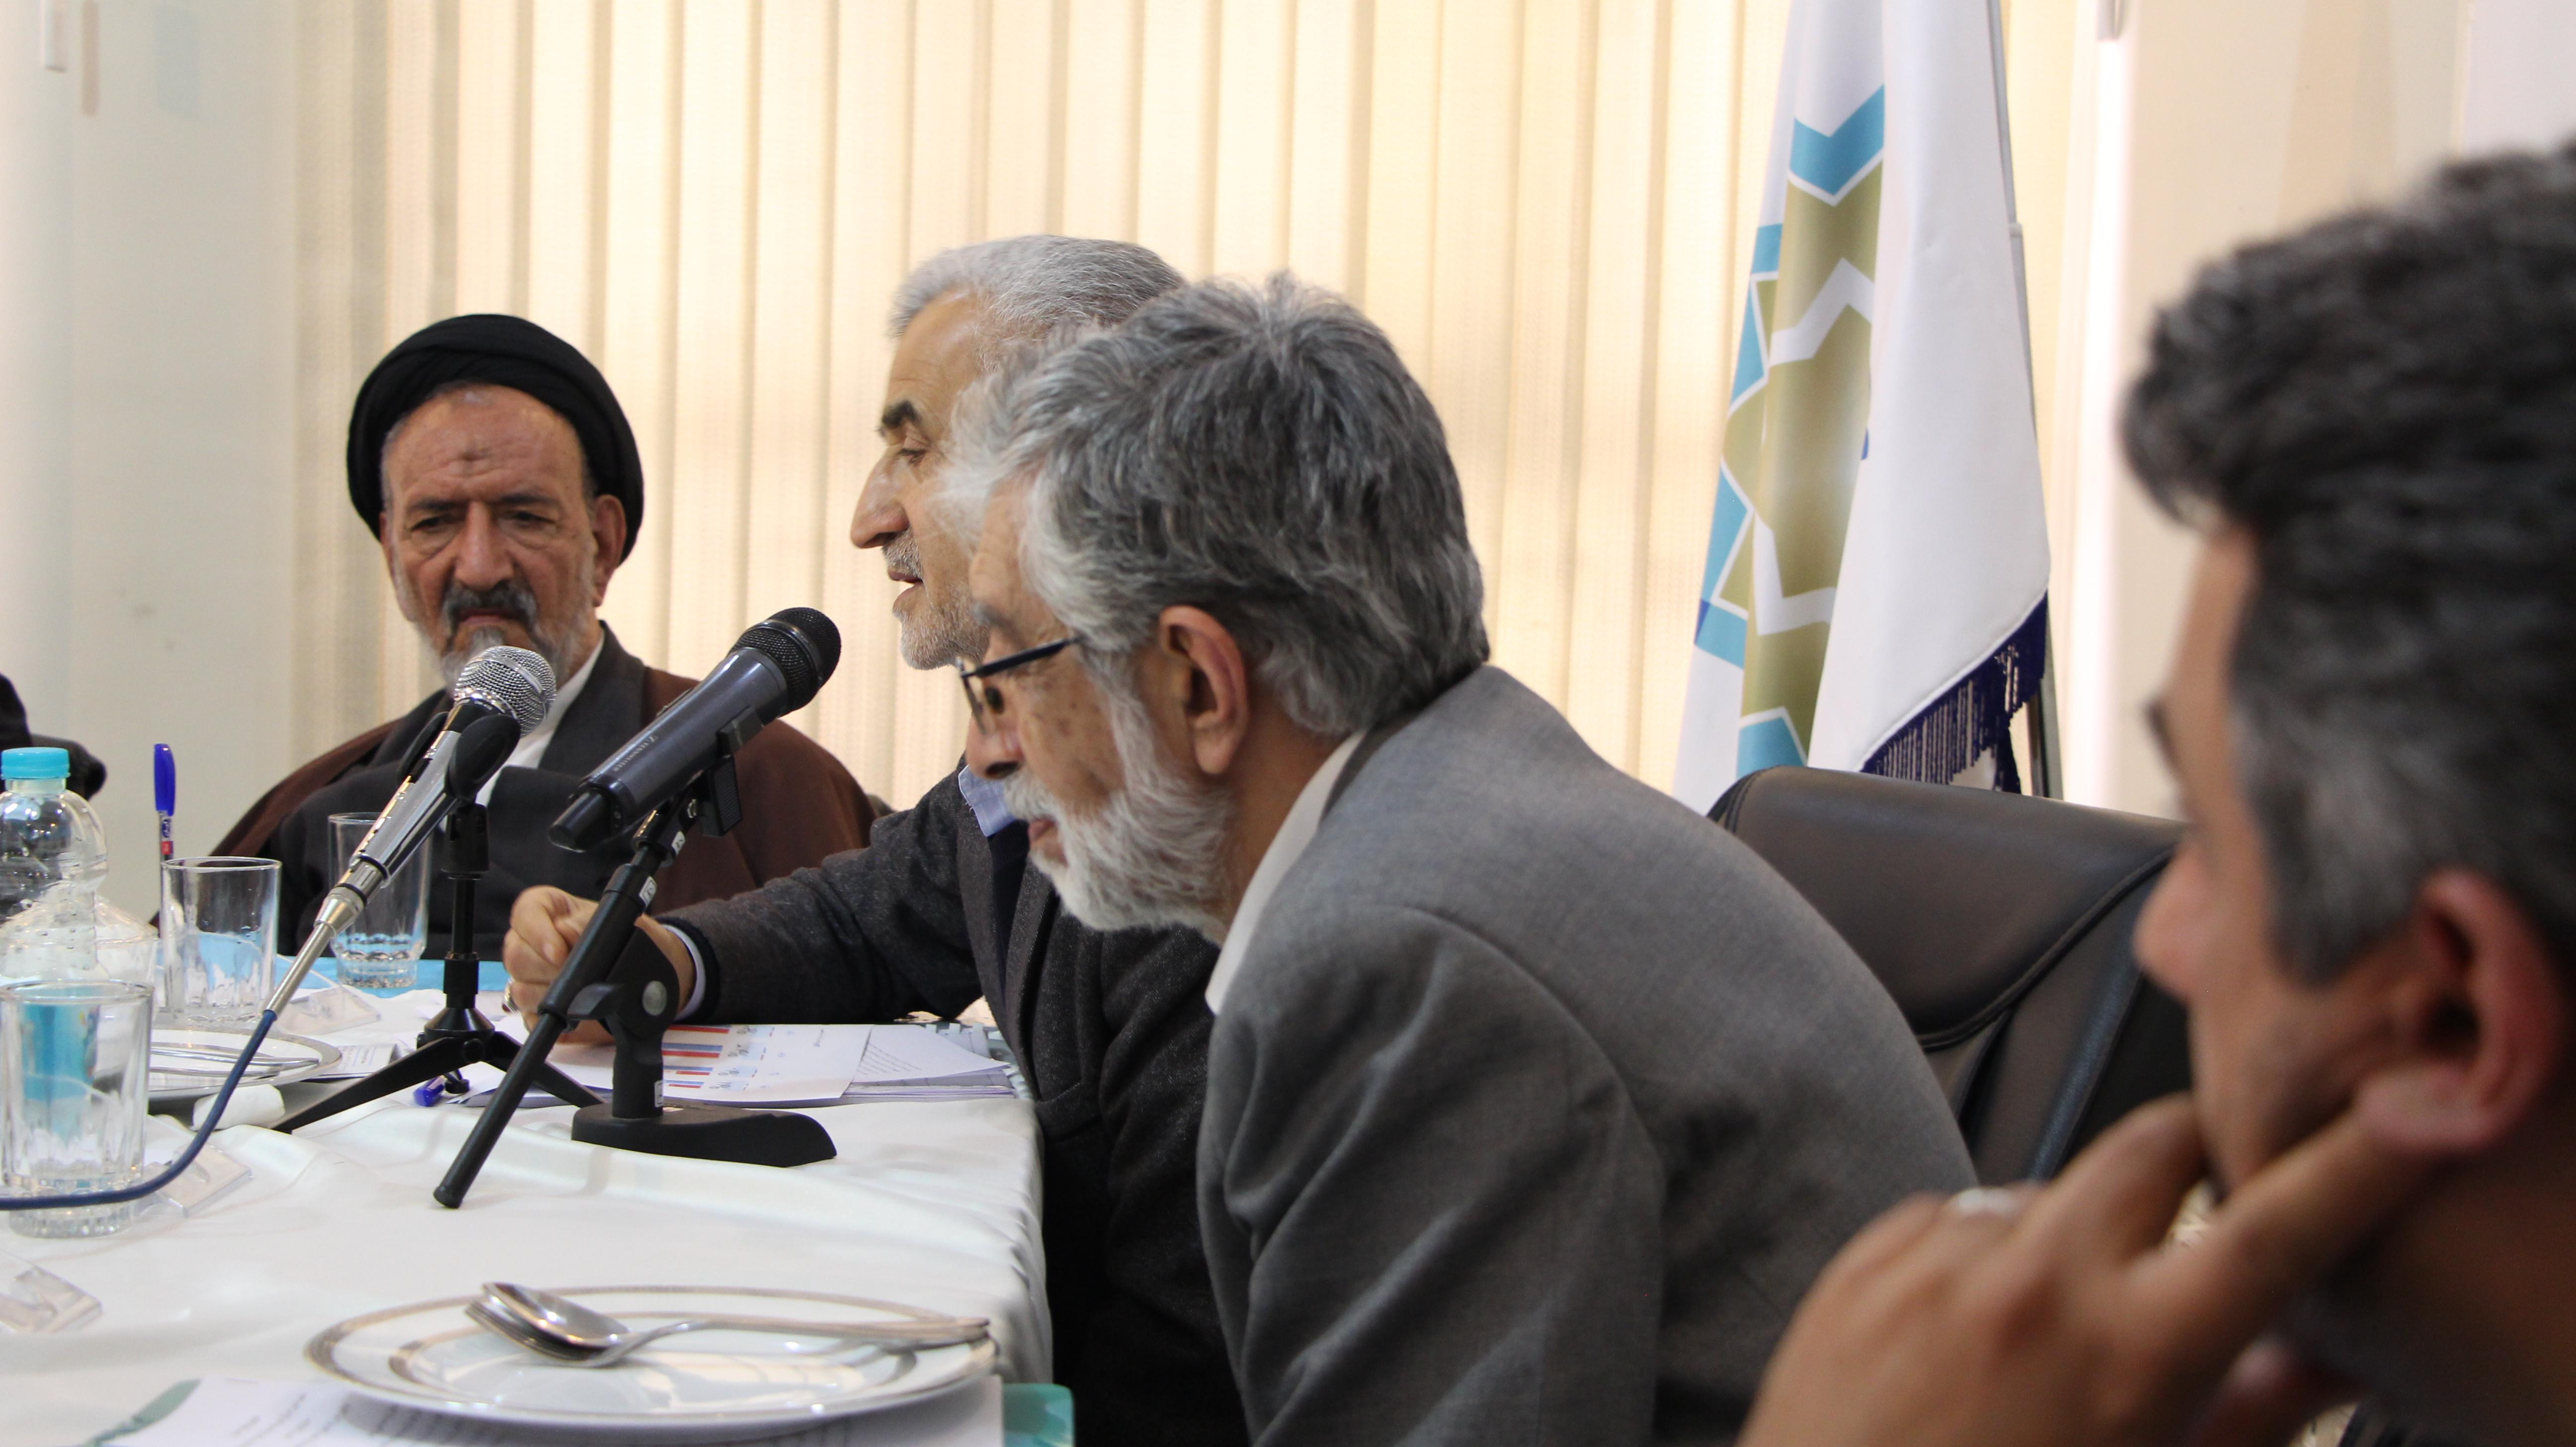 تاکید مدیران رسانه بر گسترش زبان فارسی در جهان